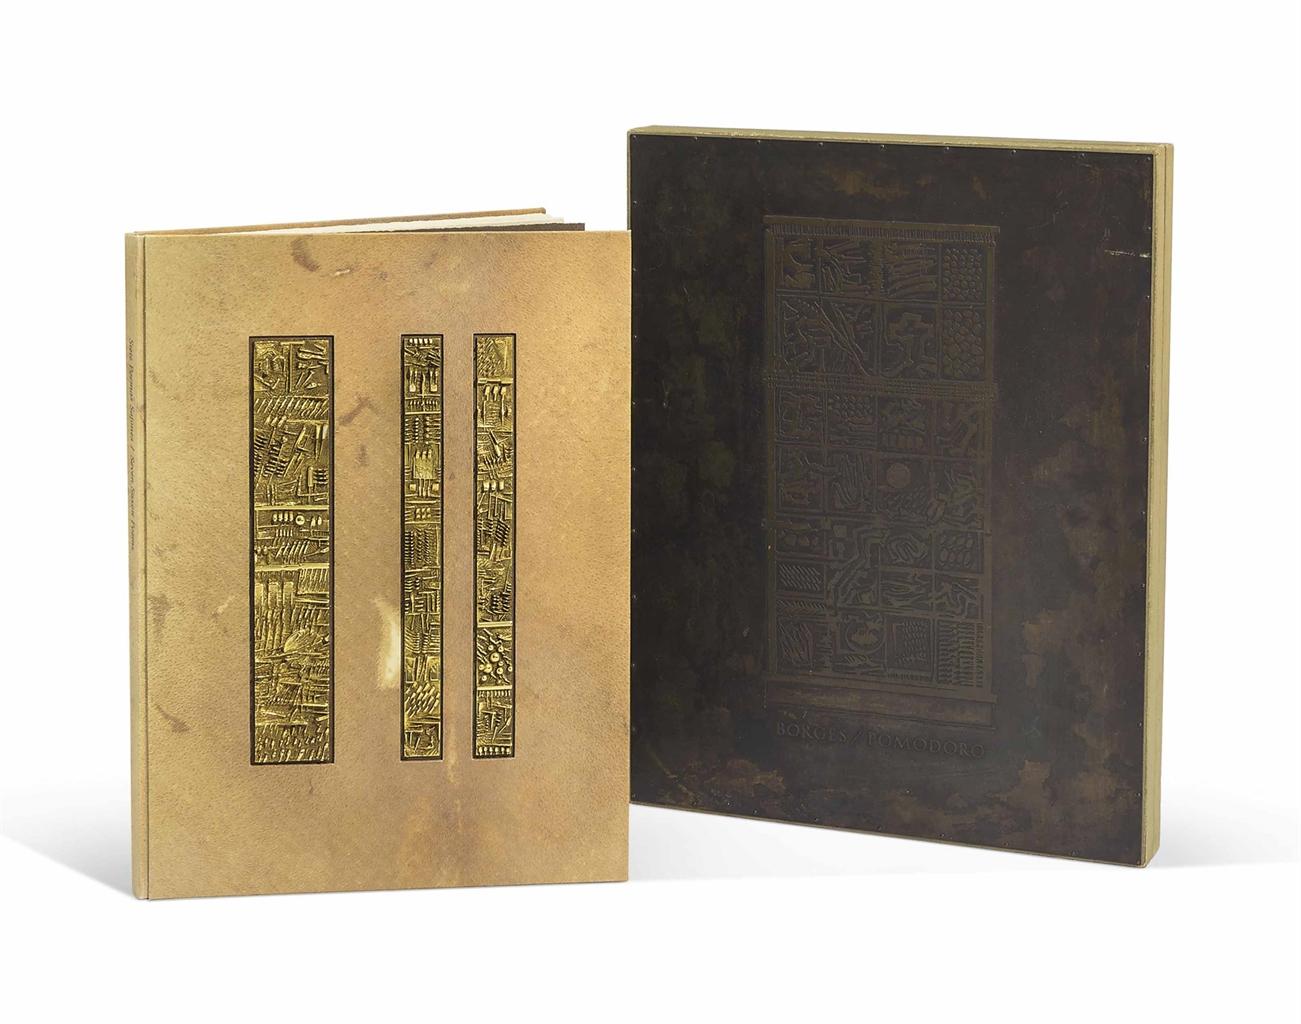 Arnaldo Pomodoro-Siete Poemas Sajones ('Seven Saxon Poems') by Jorge Luis Borges-1974